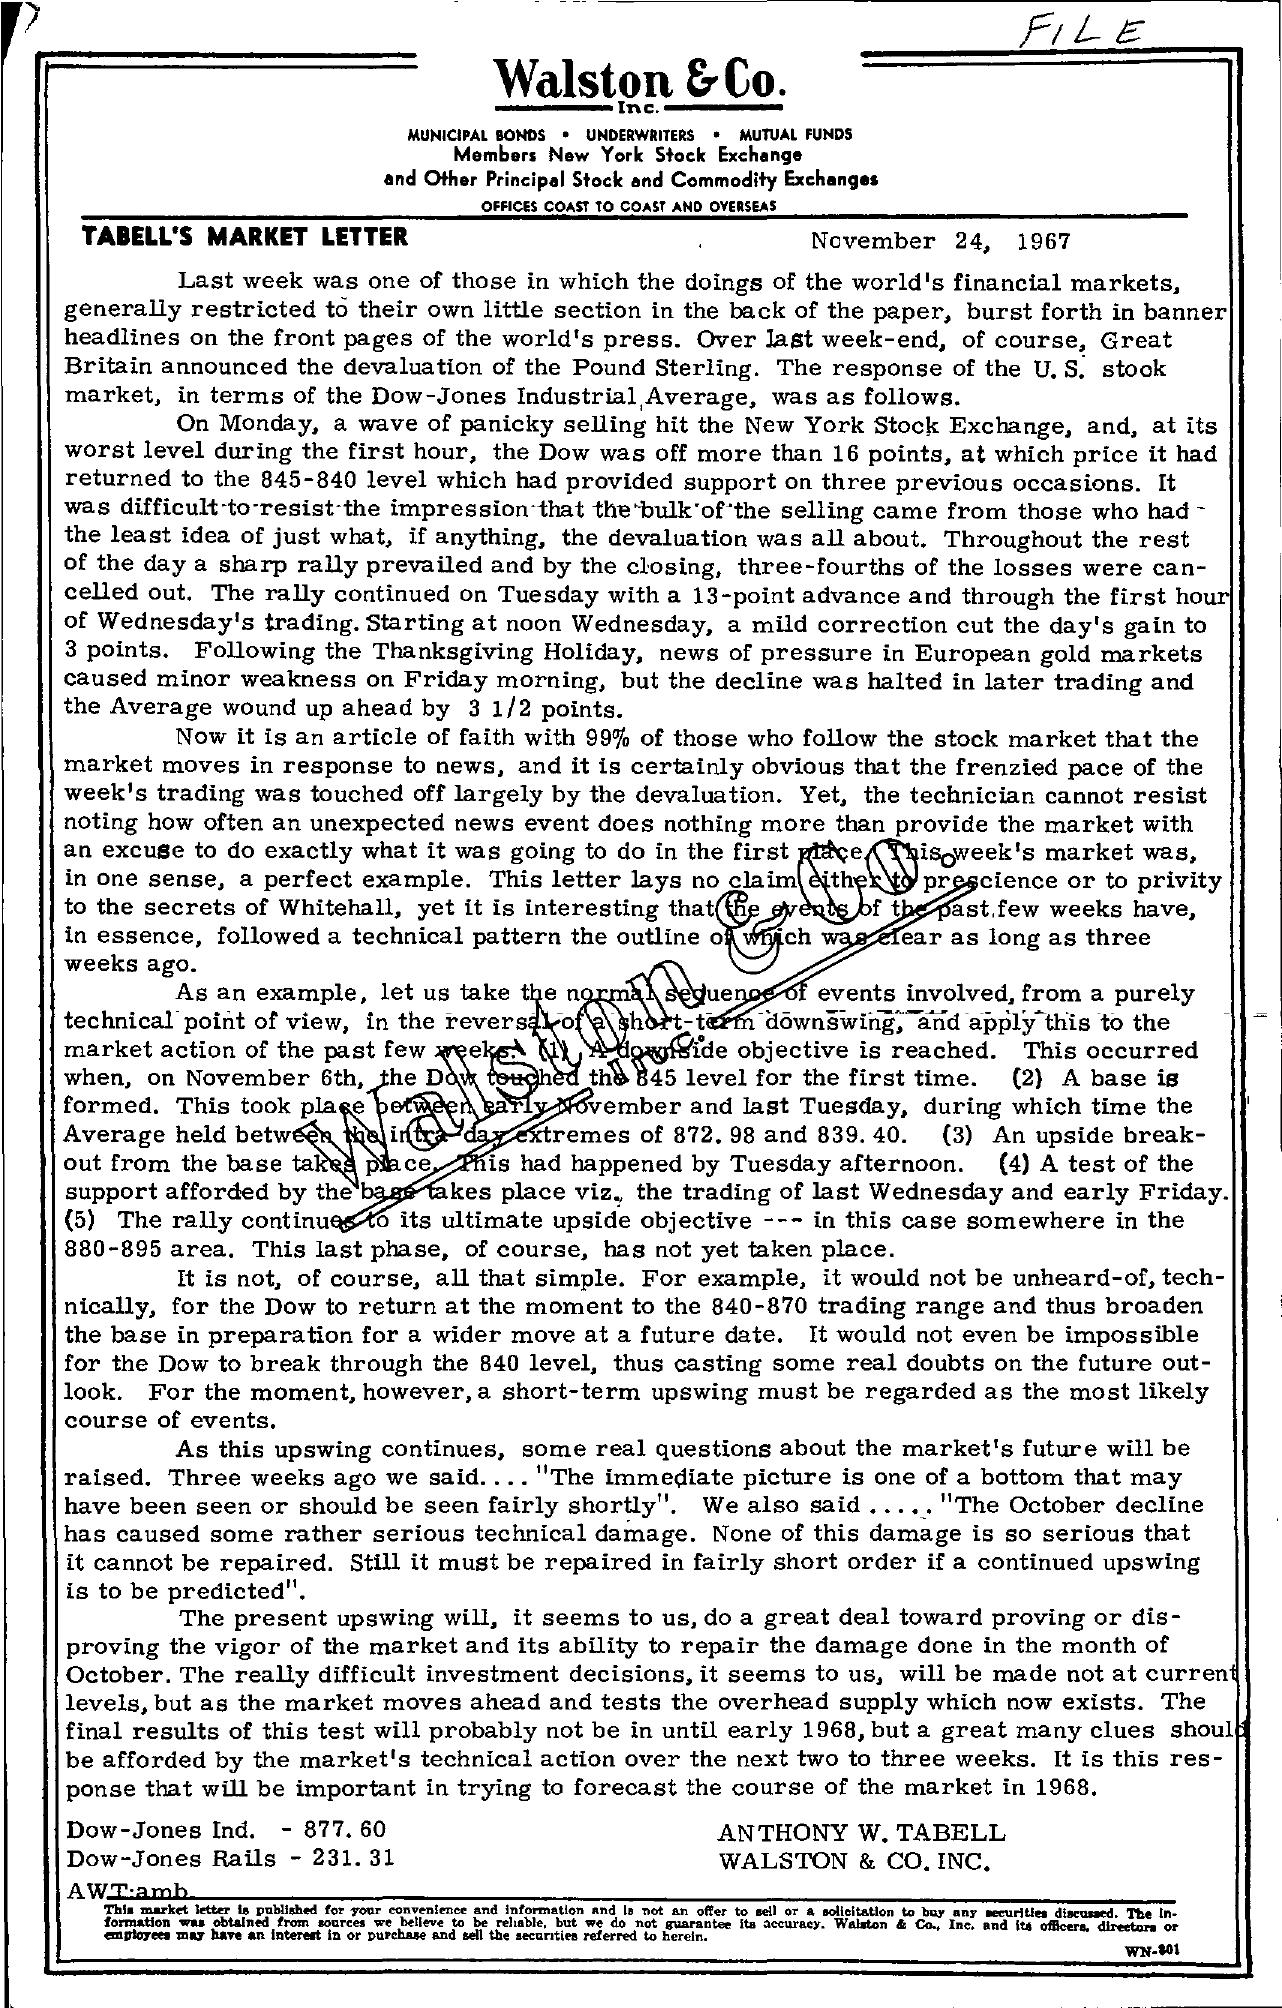 Tabell's Market Letter - November 24, 1967